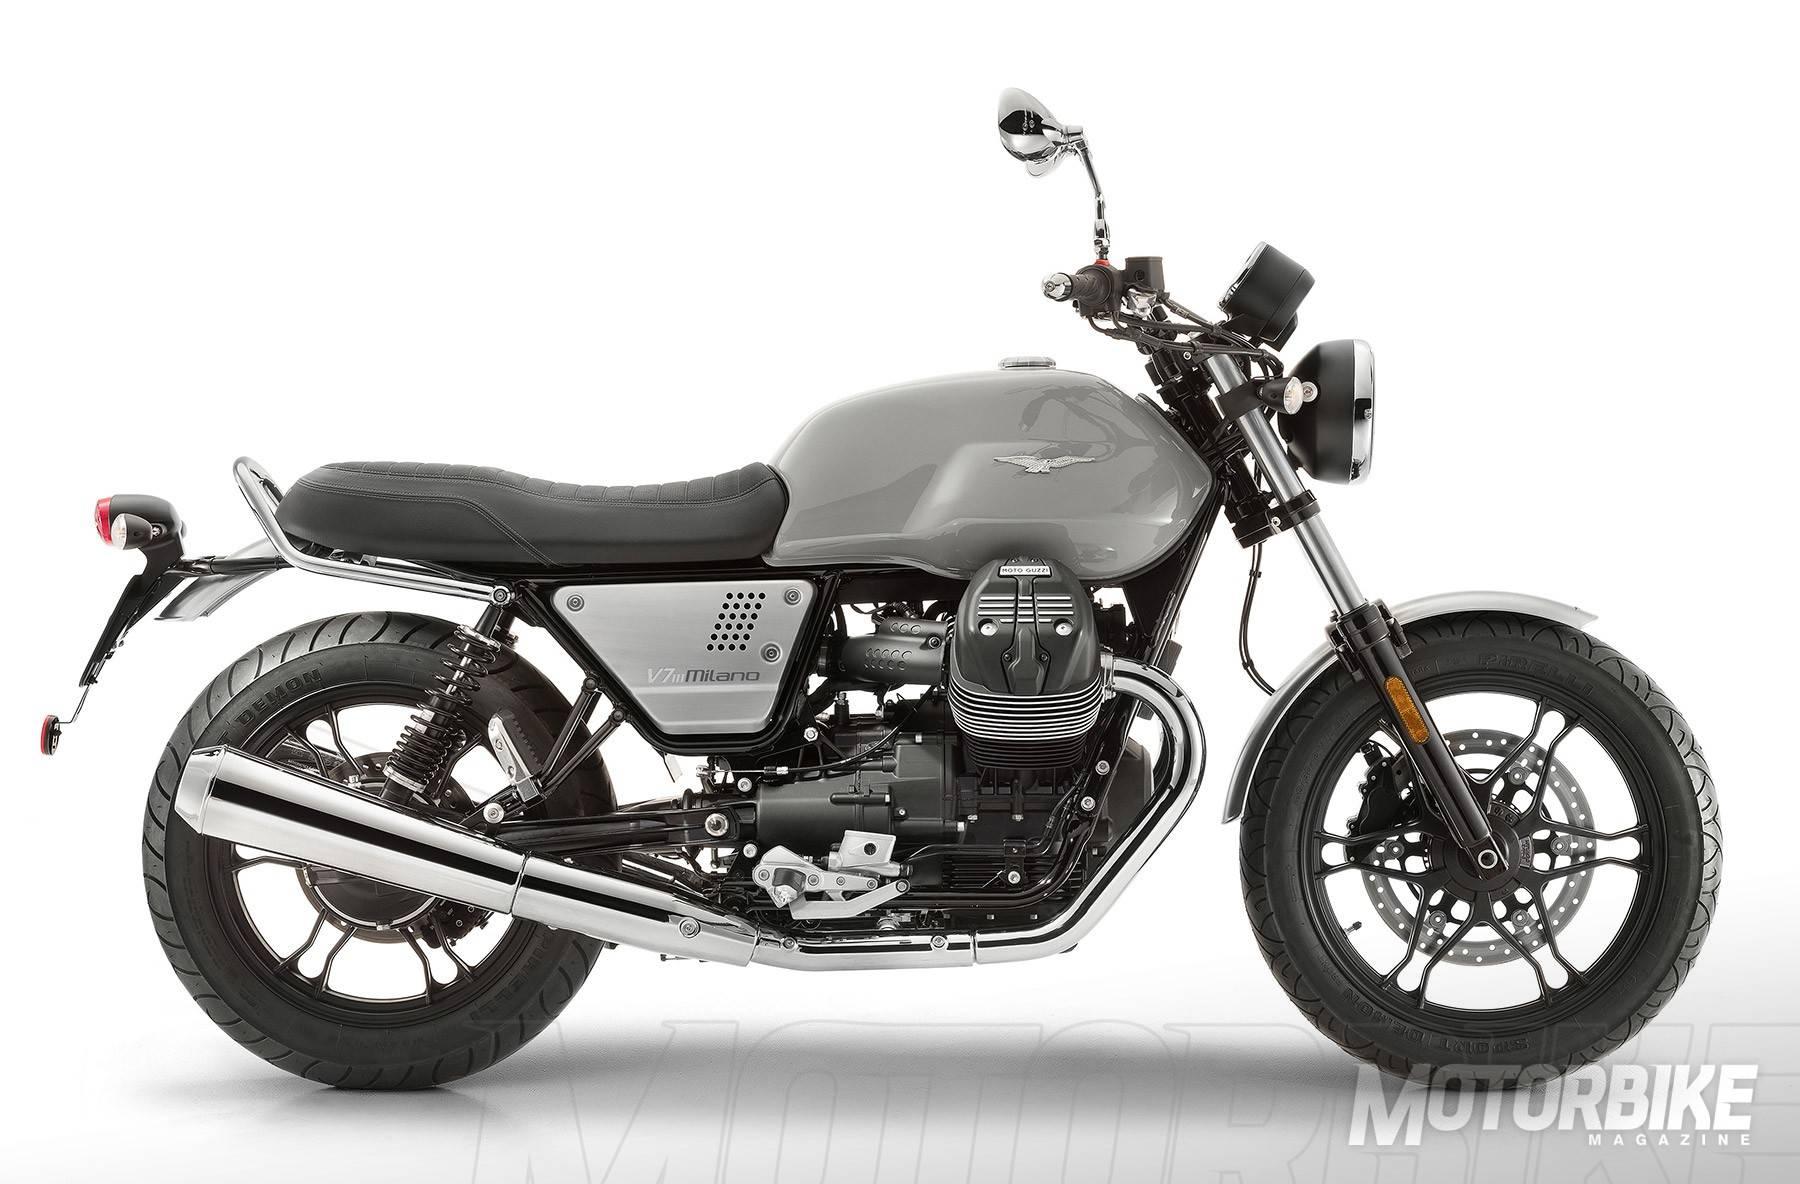 moto guzzi v7 iii milano 2018 precio fotos ficha t cnica y motos rivales. Black Bedroom Furniture Sets. Home Design Ideas